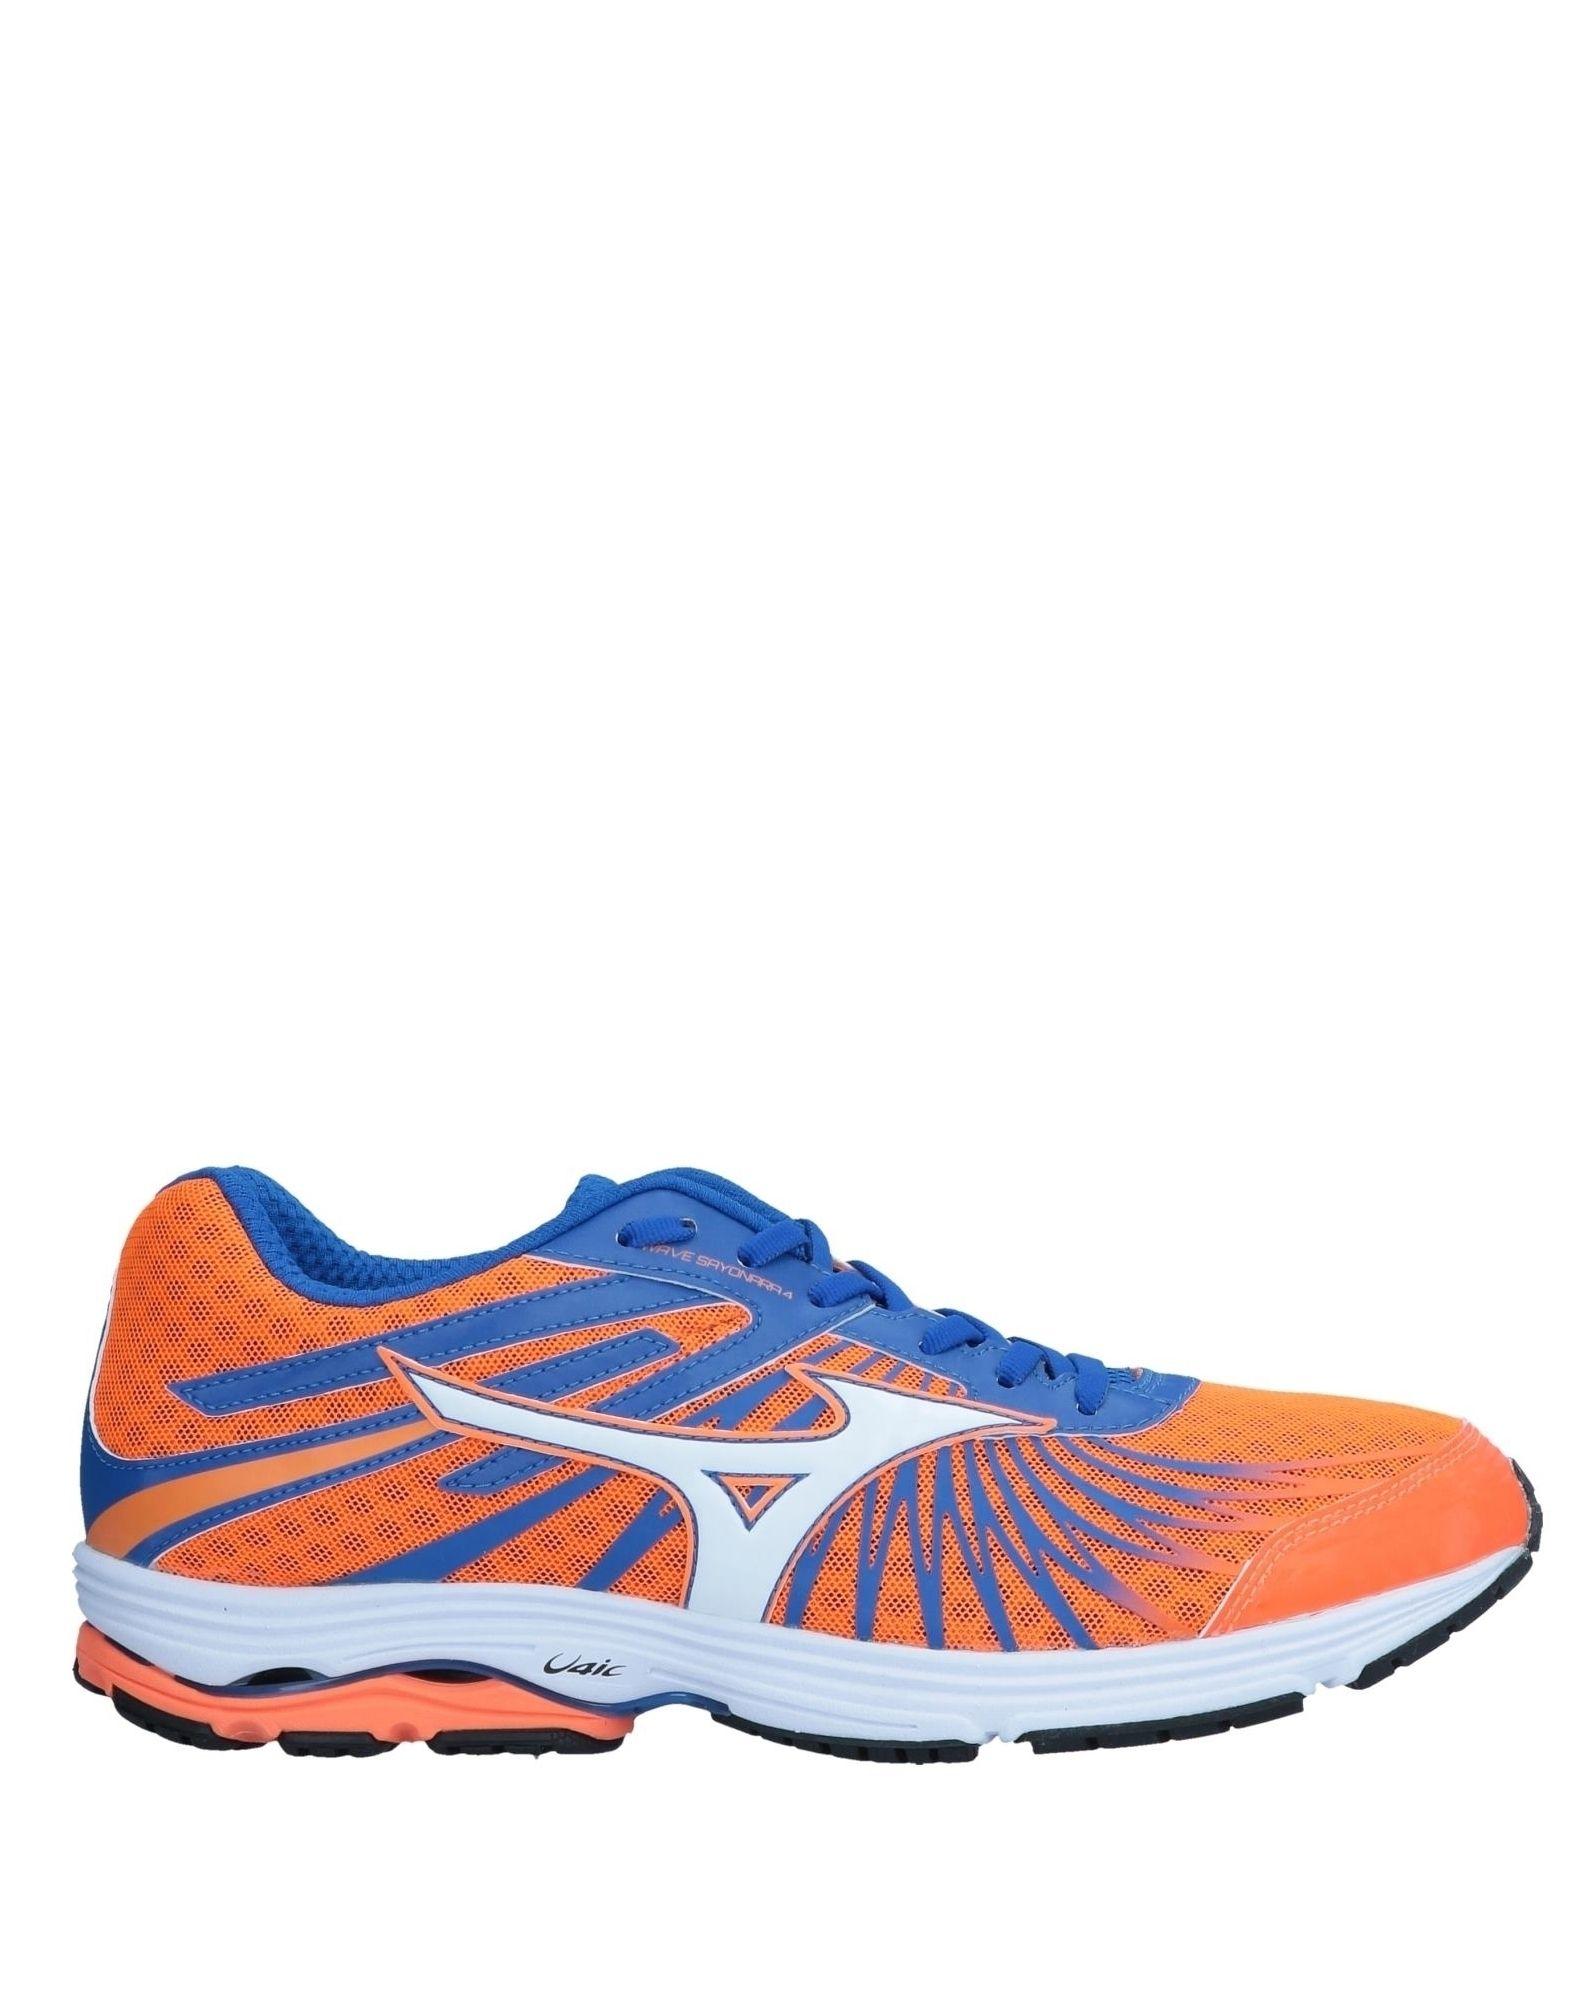 Rabatt echte Schuhe Mizuno Sneakers Herren  11546727UF